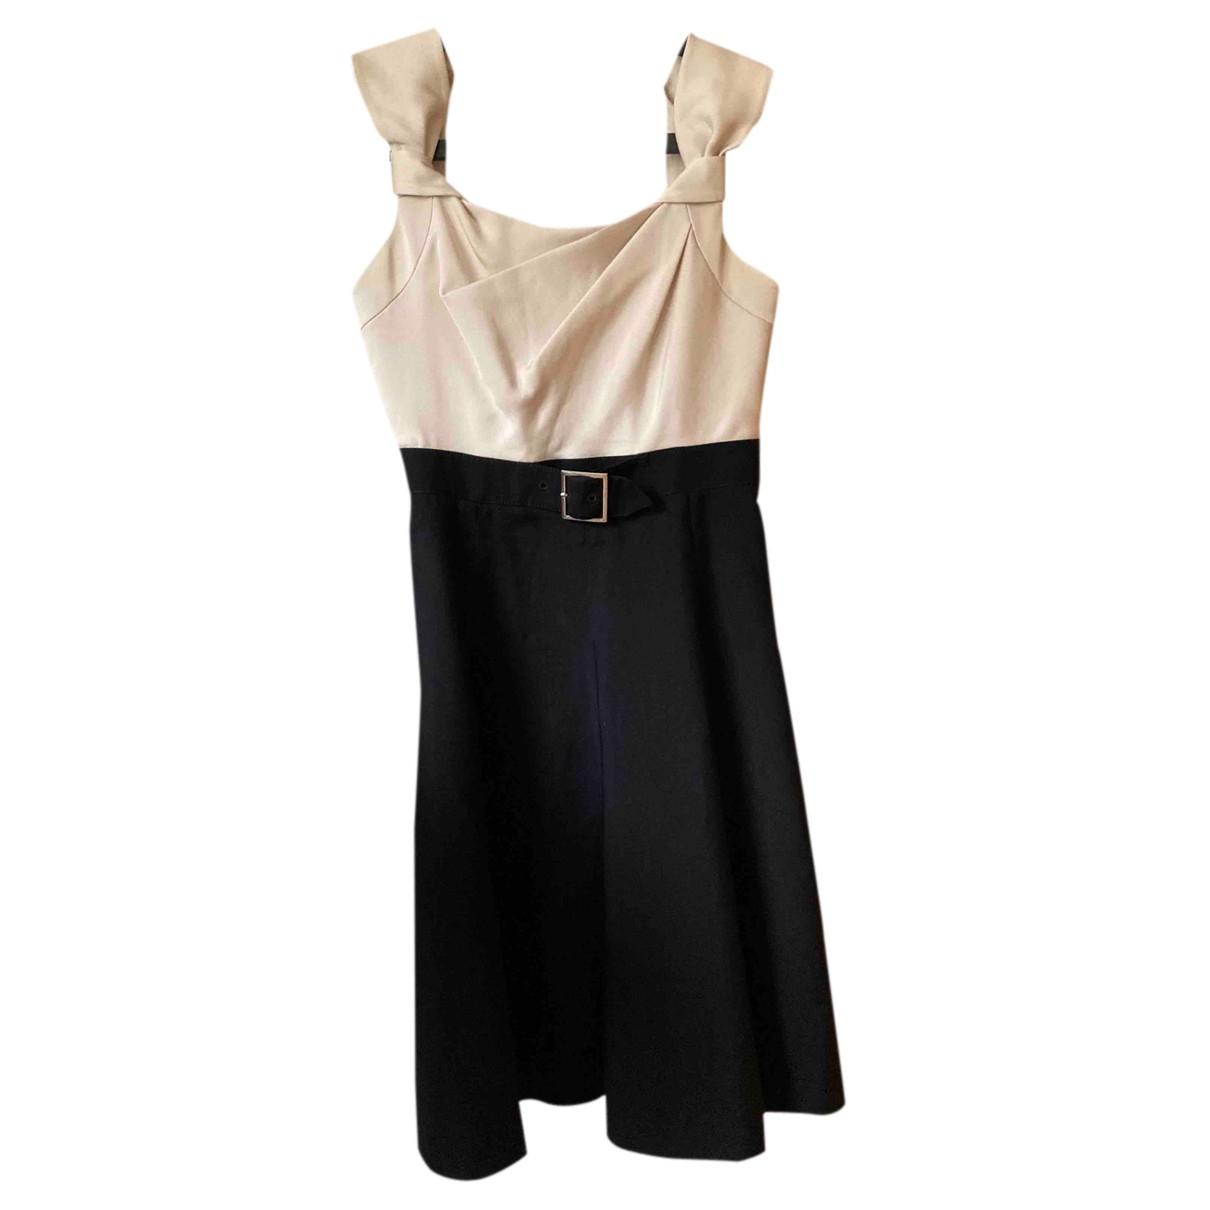 Karen Millen \N Kleid in  Beige Polyester